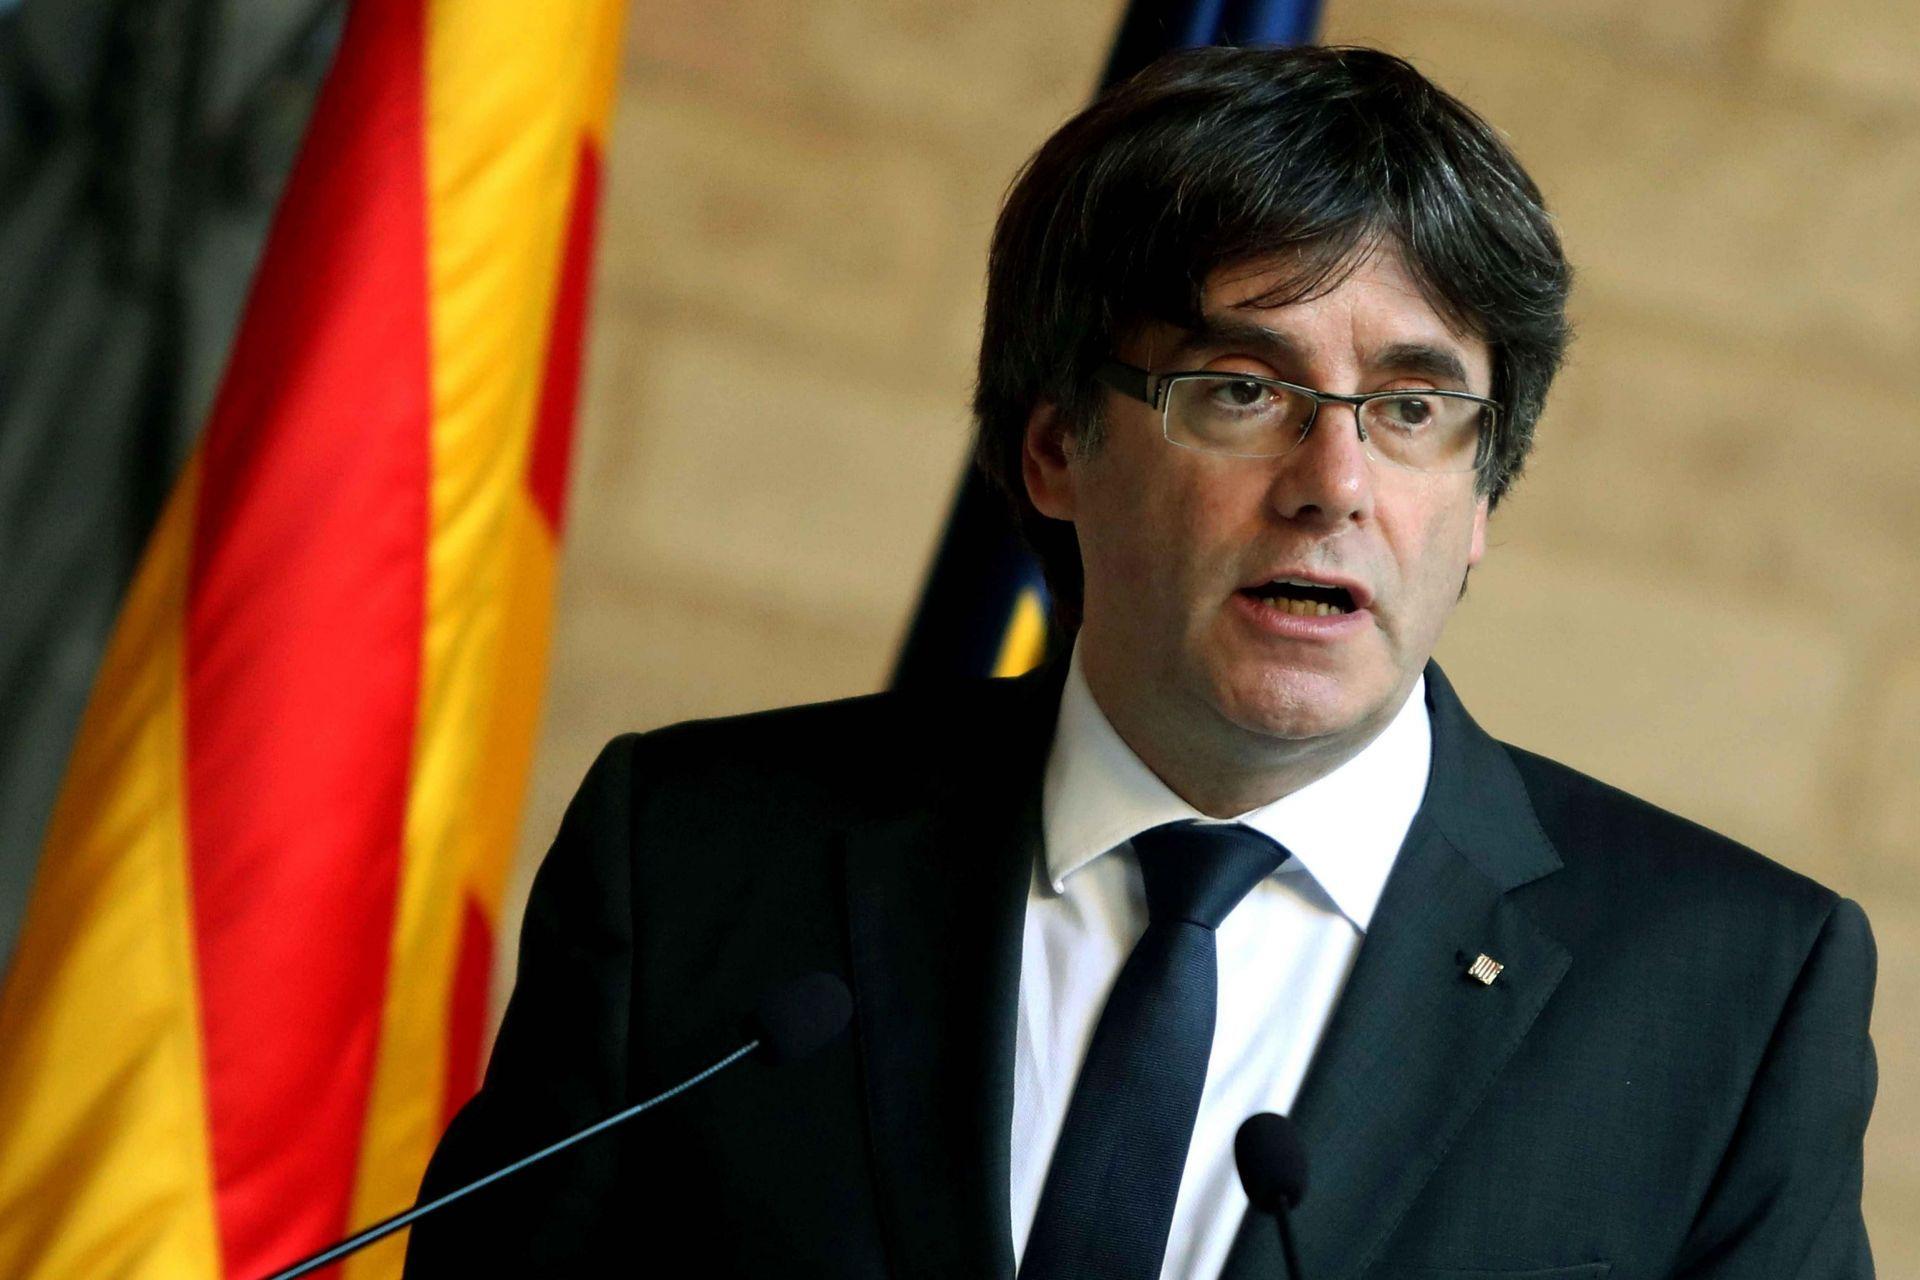 """El presidente de la Generalitat, Carles Puigdemont, durante la comparecencia que ha realizado esta tarde en el Palau de la Generalitat, en Barcelona, en la que ha dejado vía libre para que el Parlament apruebe una declaración de independencia, al no haber obtenido """"garantías"""" por parte del Gobierno de Mariano Rajoy para celebrar unas elecciones anticipadas en Cataluña sin aplicar el artículo 155."""